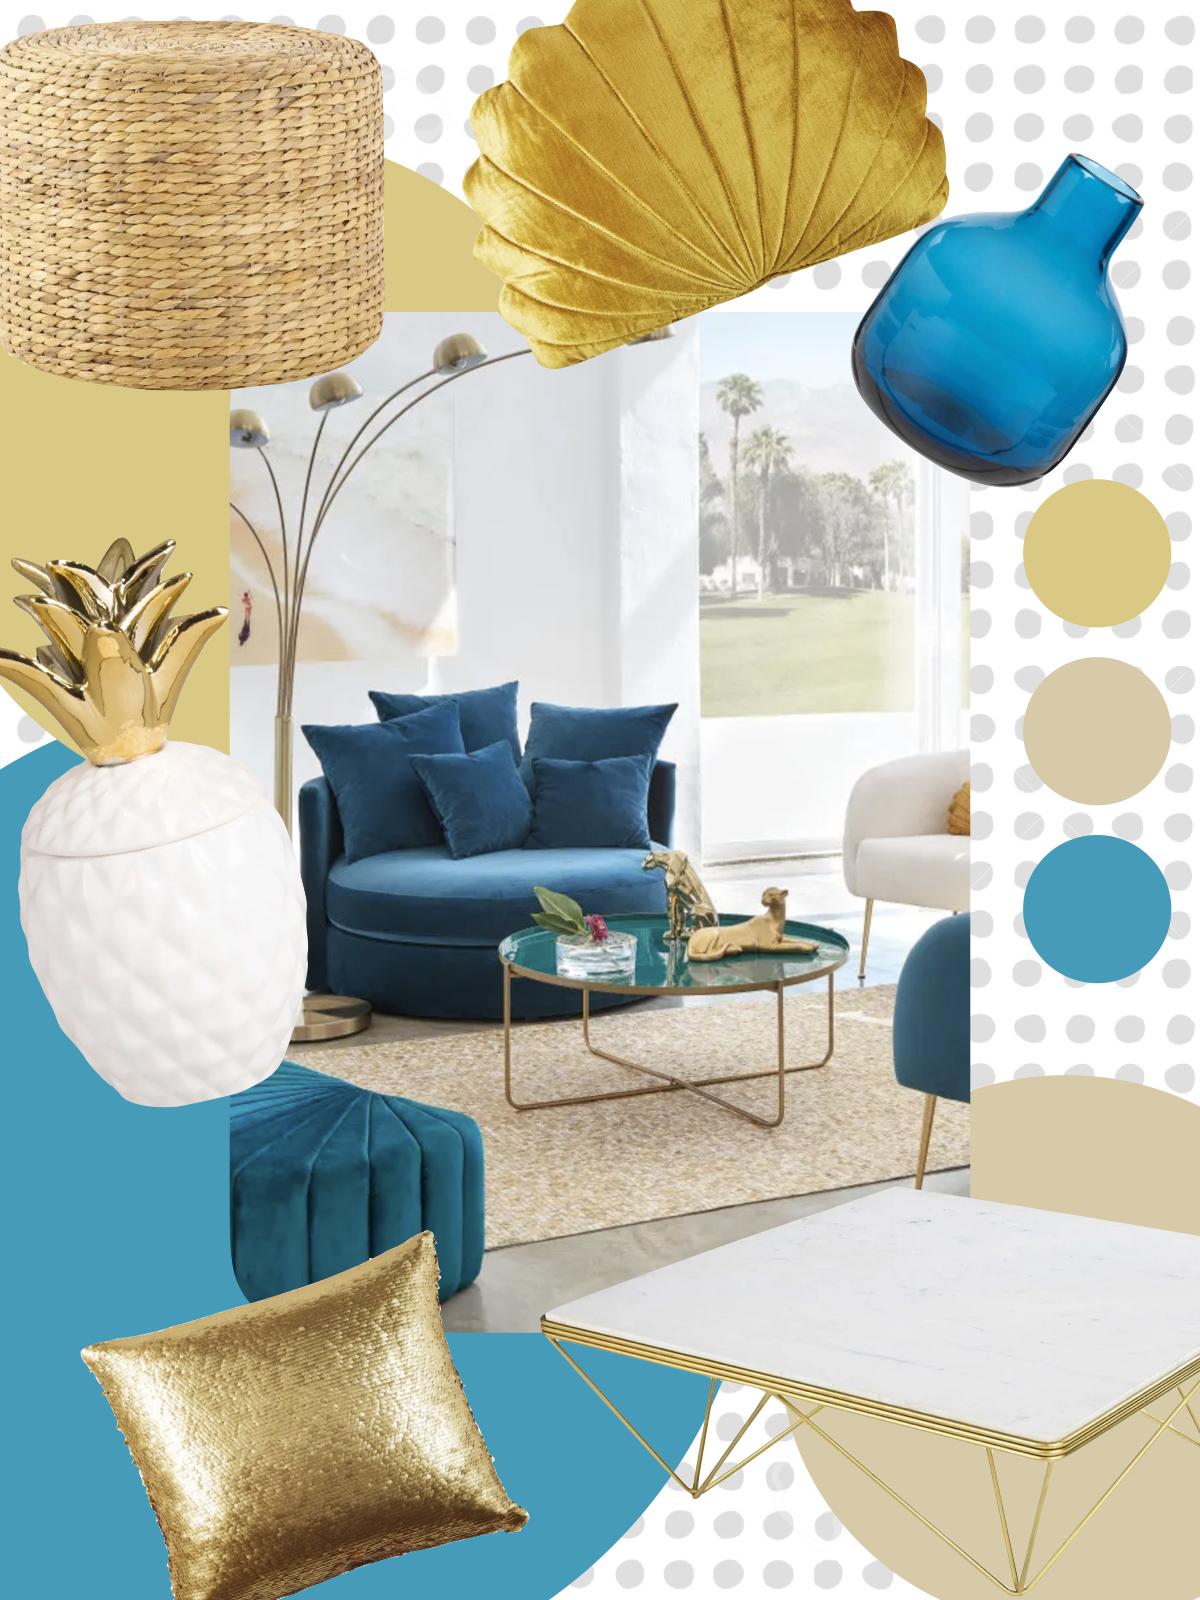 maisons du monde vase bleu coussin coquillage or salon canapé rond pouf jonc de mer - blog déco - clematc